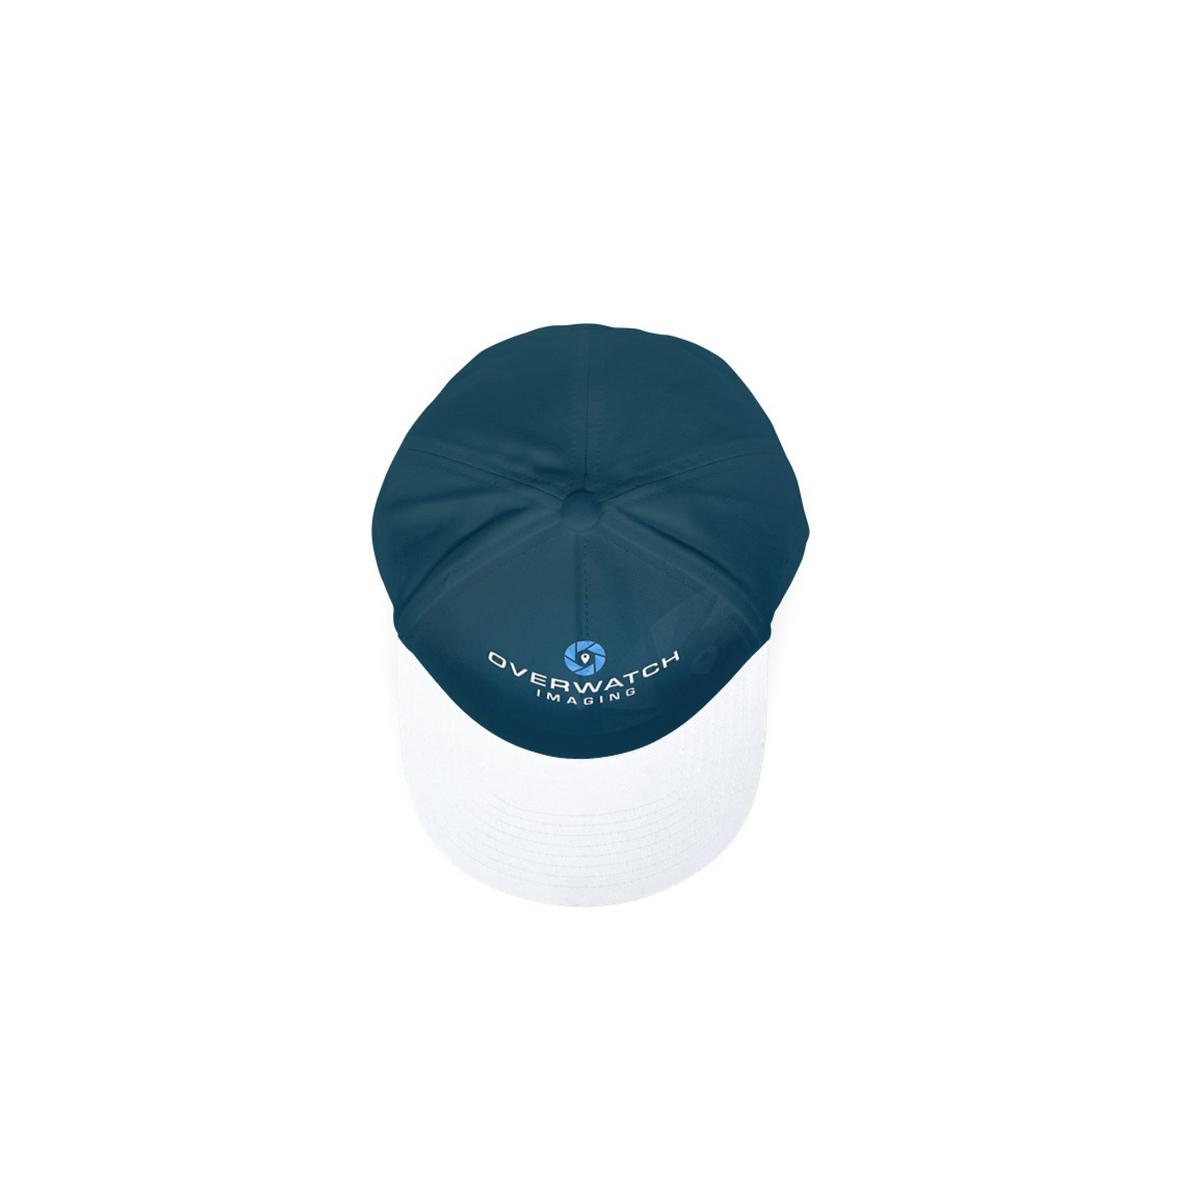 overwatch imaging hat